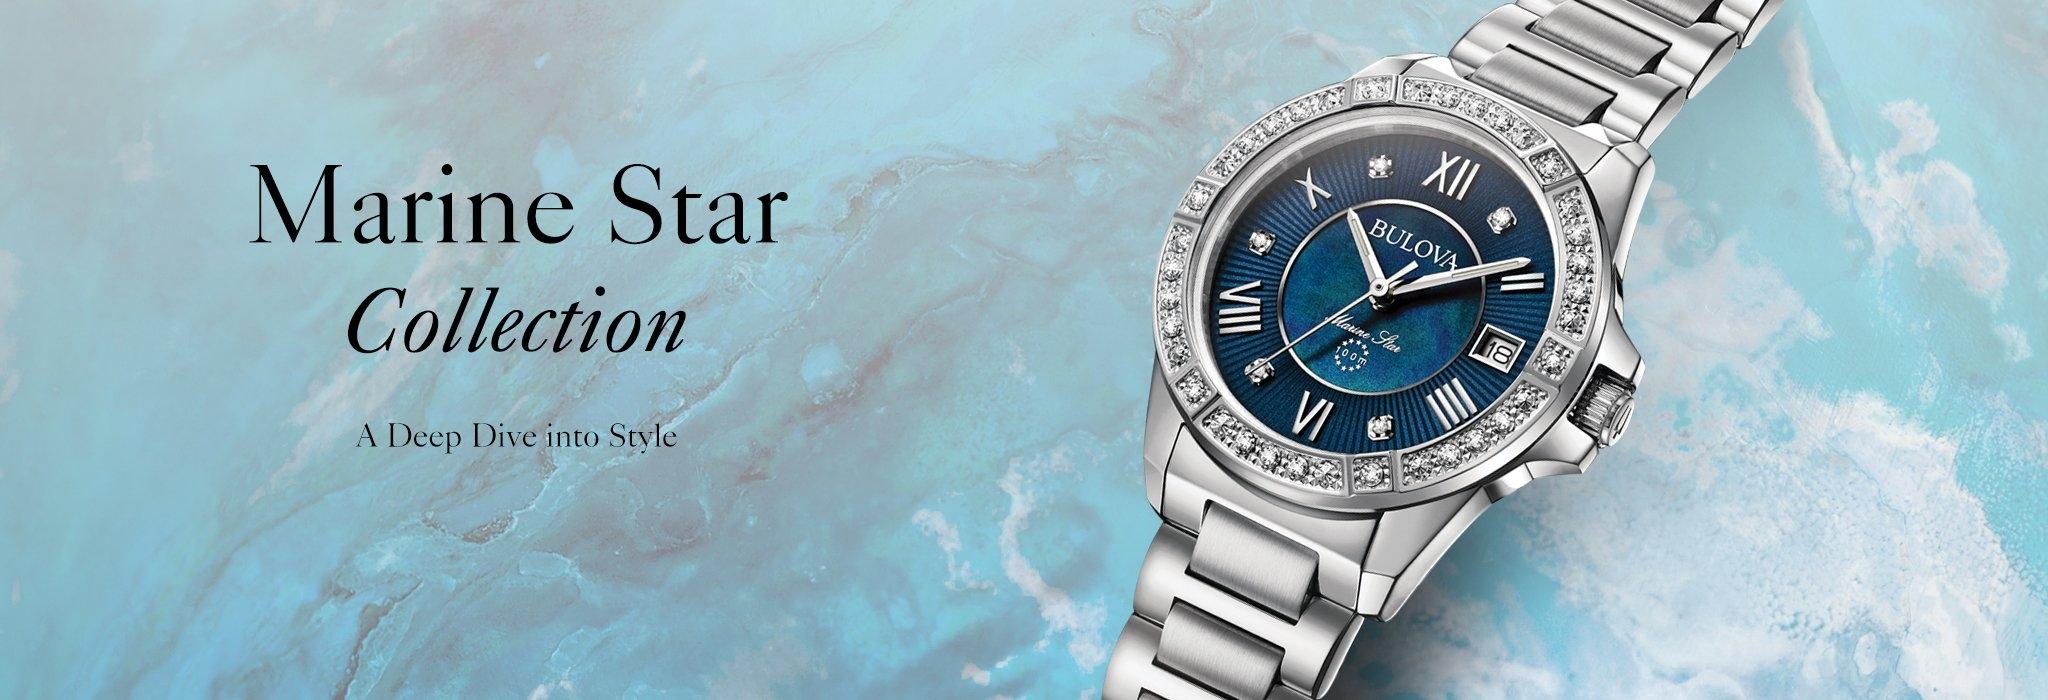 女士 Marine Star 系列钻石腕表